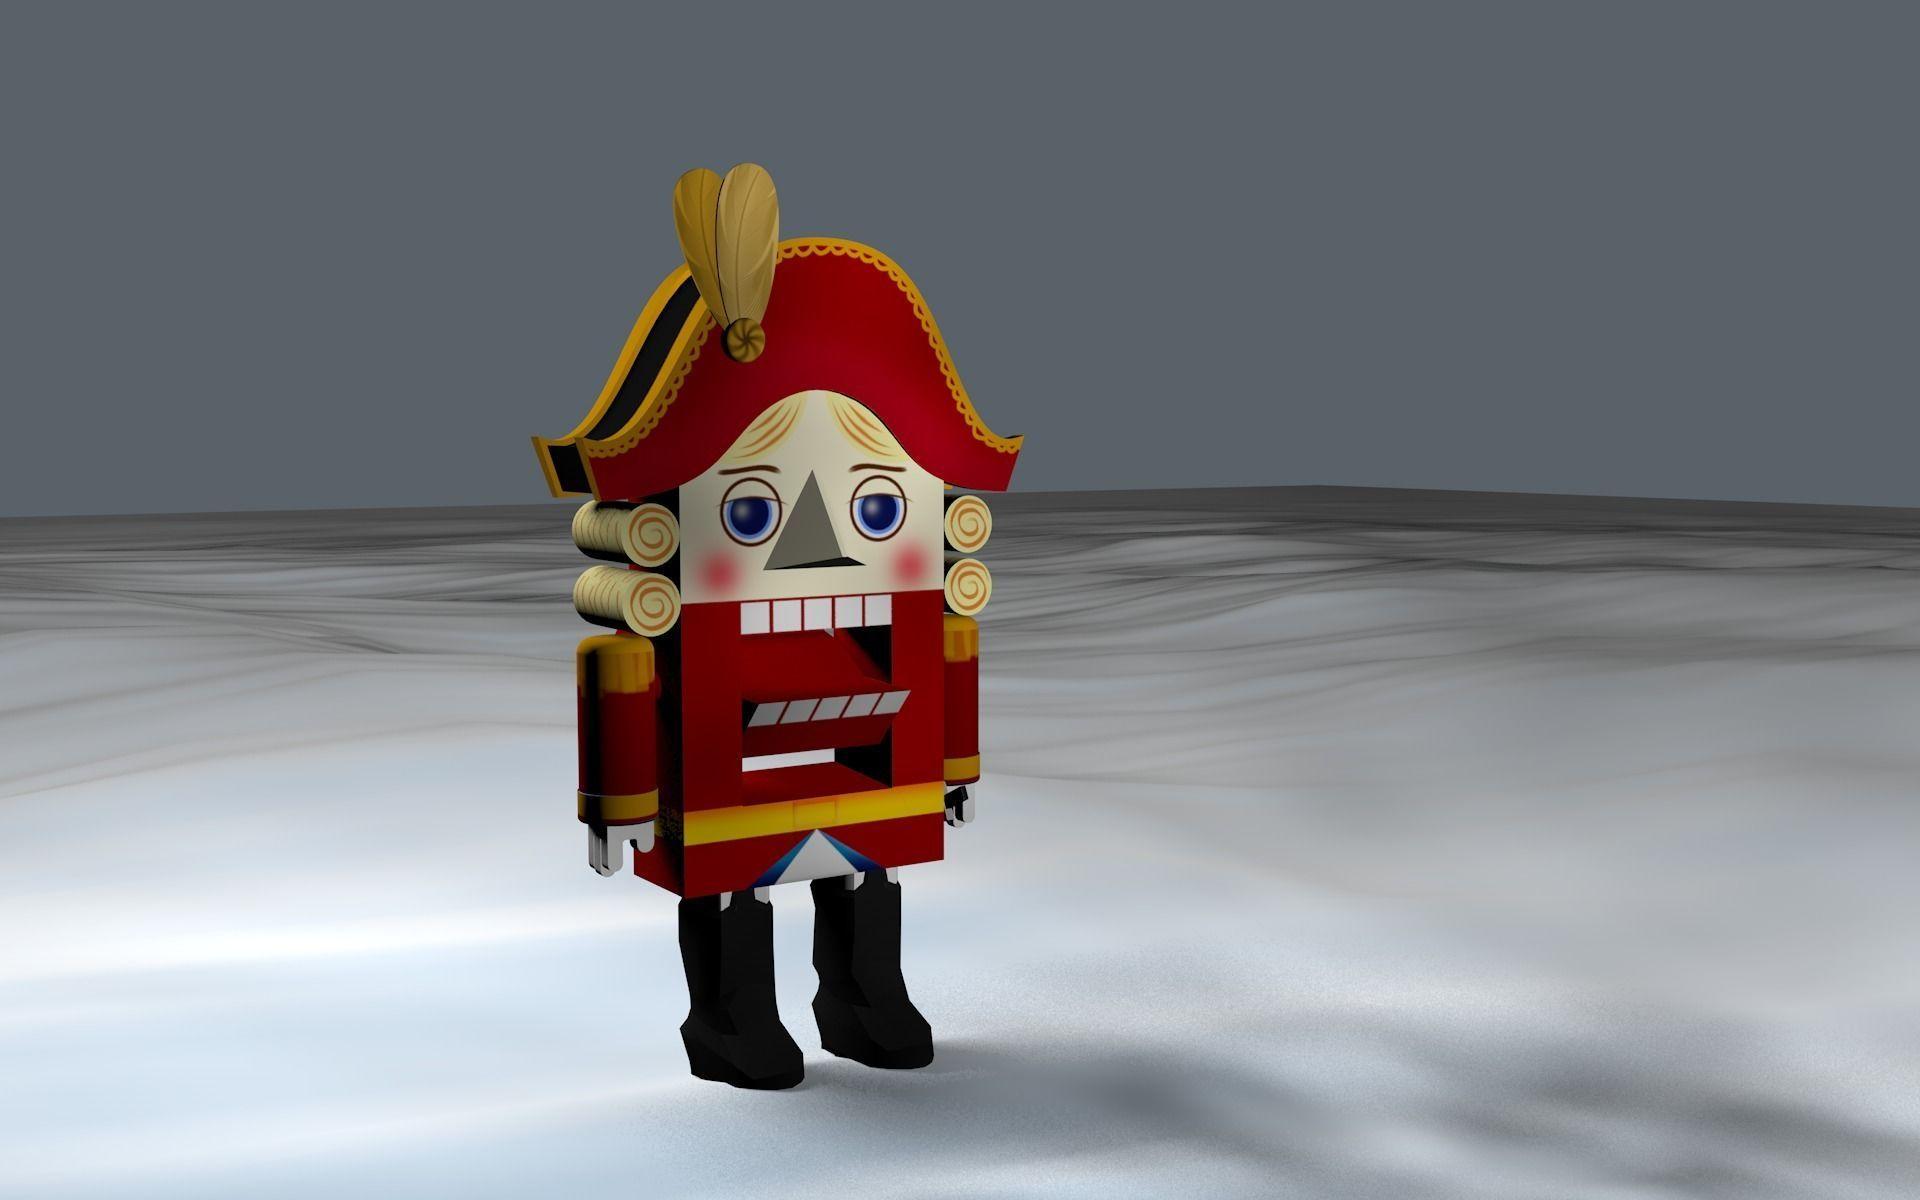 Nutcracker - toy soldier